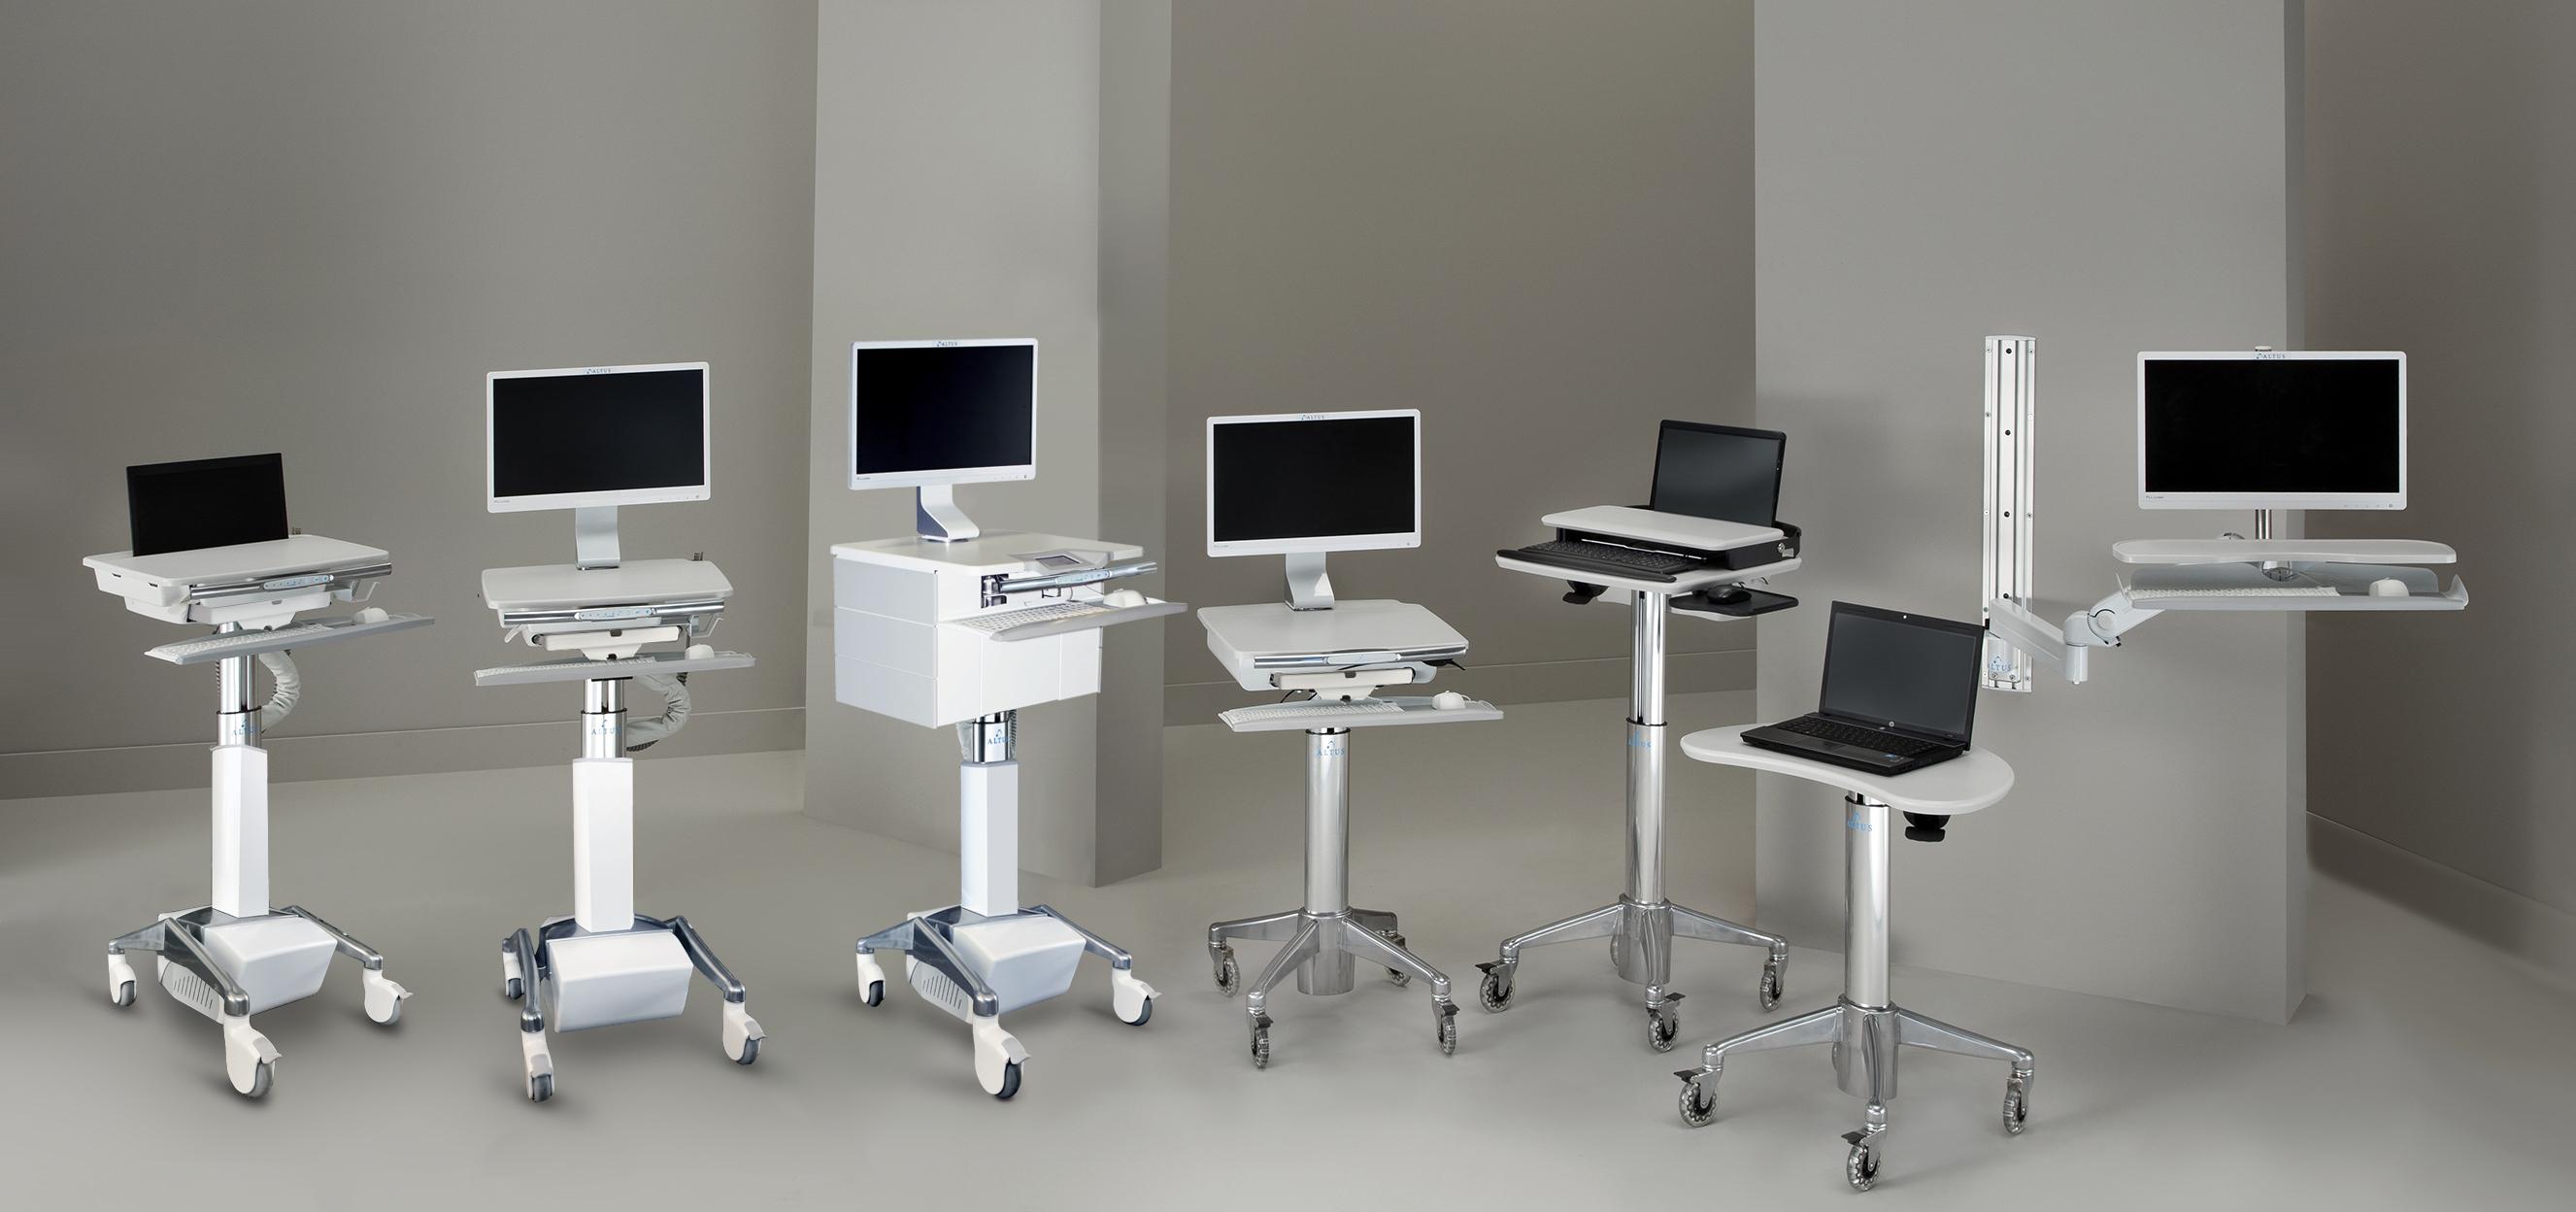 Notre gamme de chariots médicaux